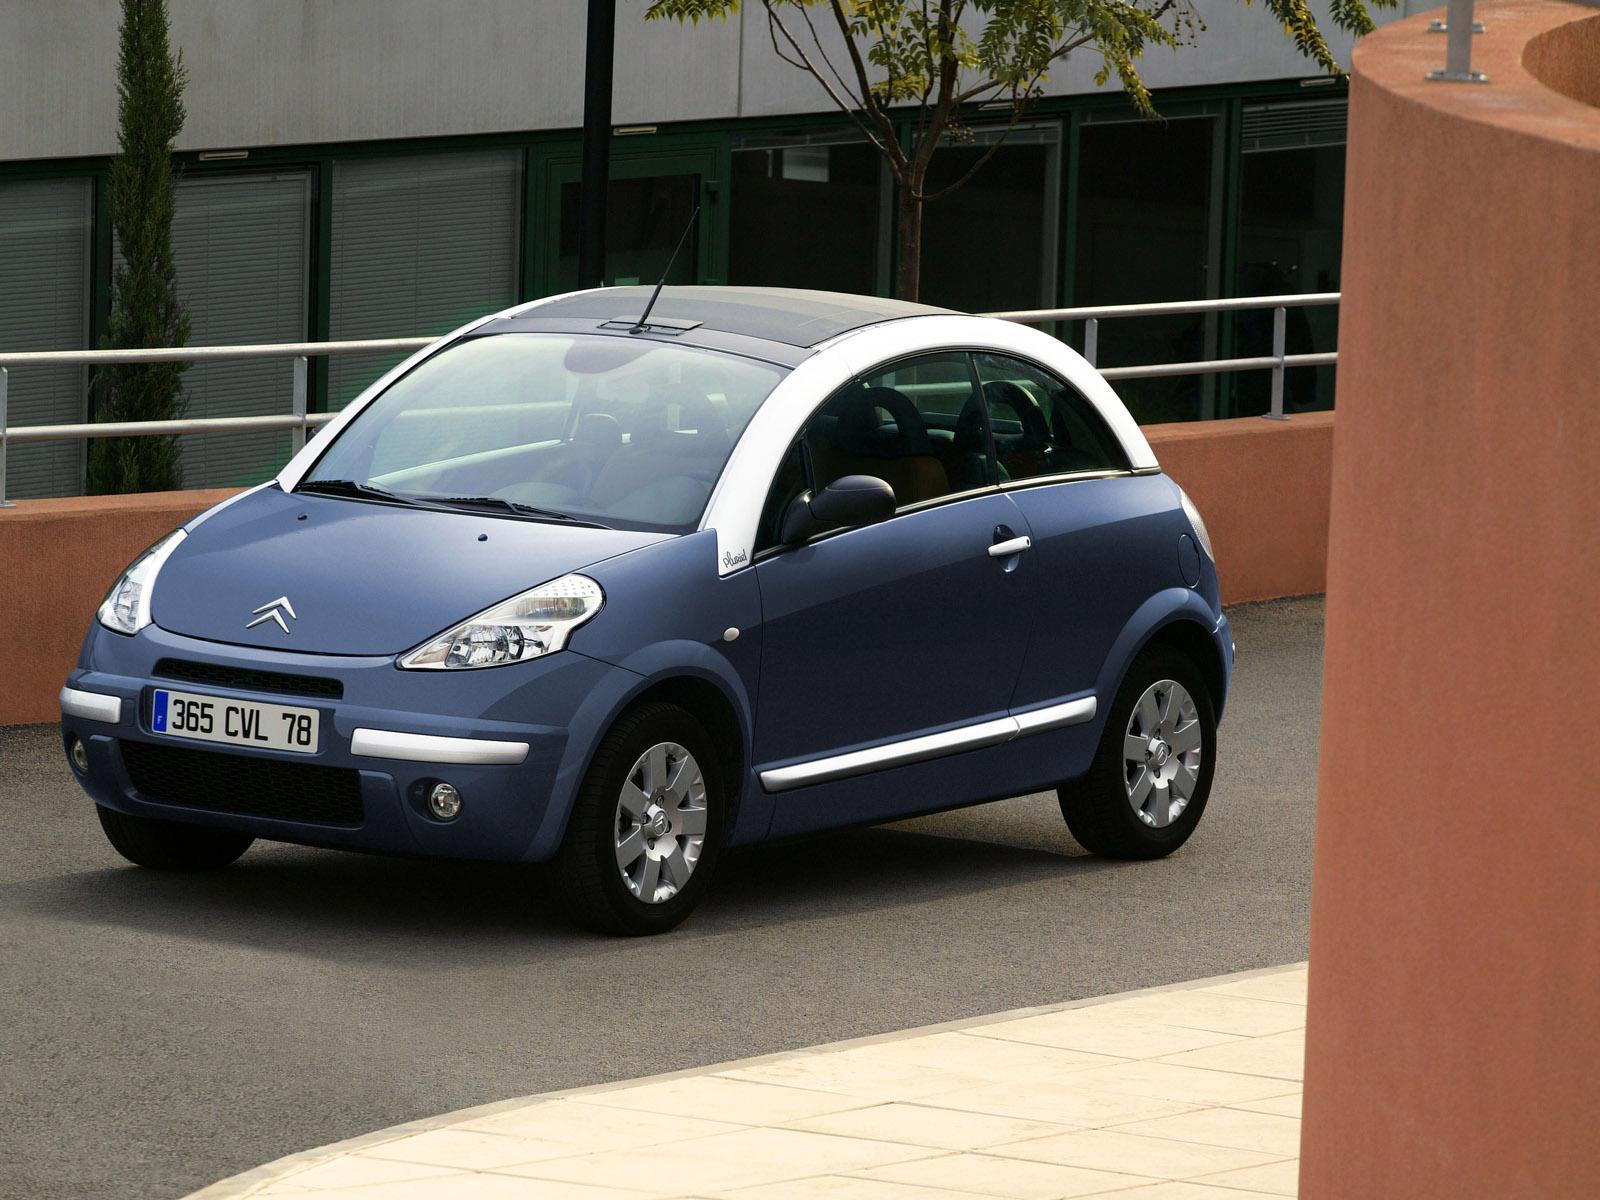 C3 Pluriel Pack Alu 2006 Bleu Paname ter